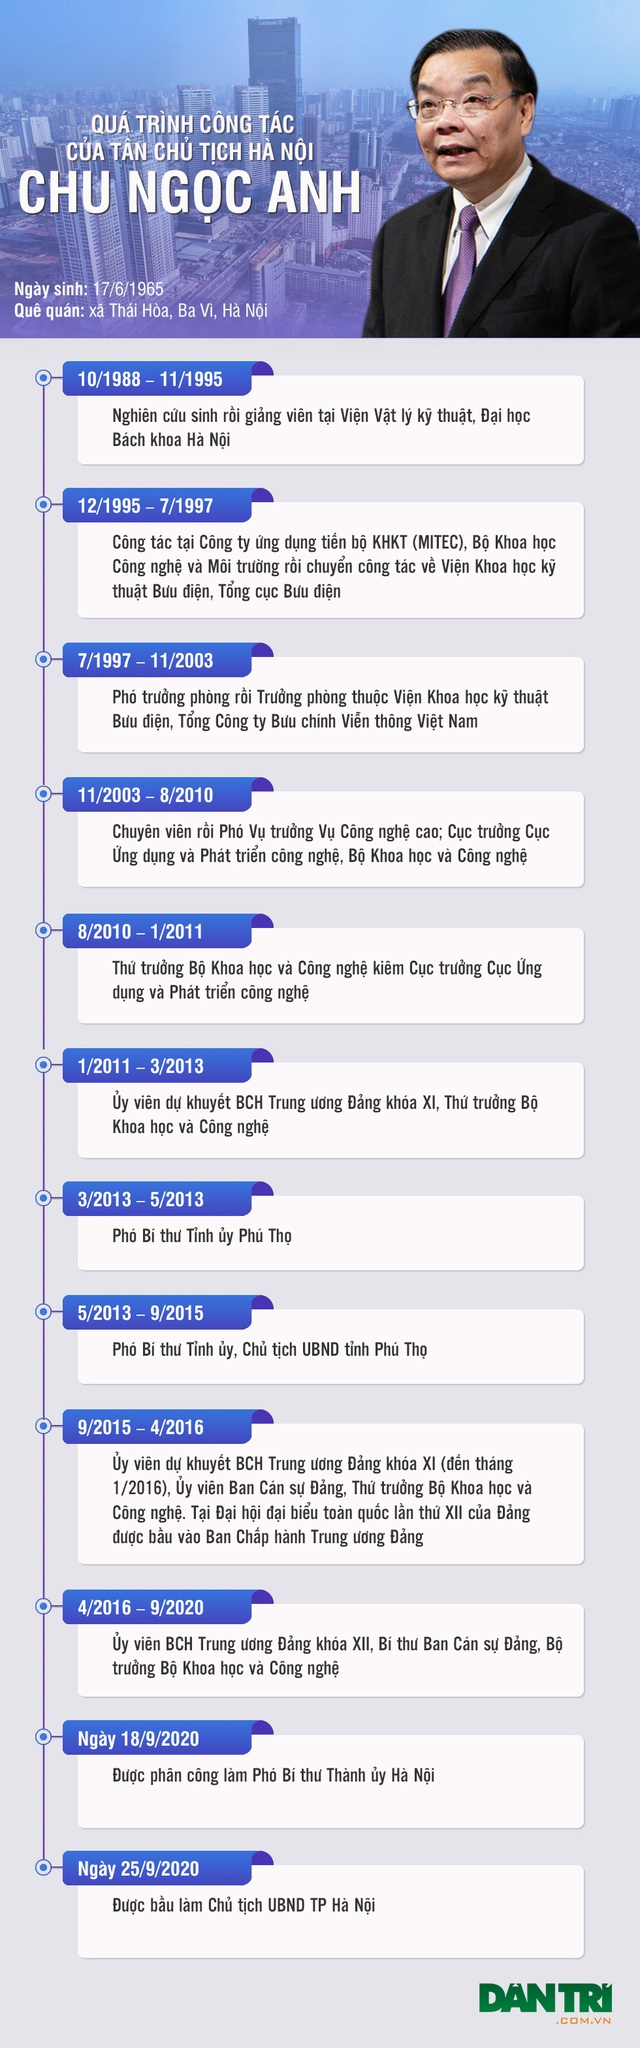 Chân dung tân Chủ tịch Hà Nội Chu Ngọc Anh - 1